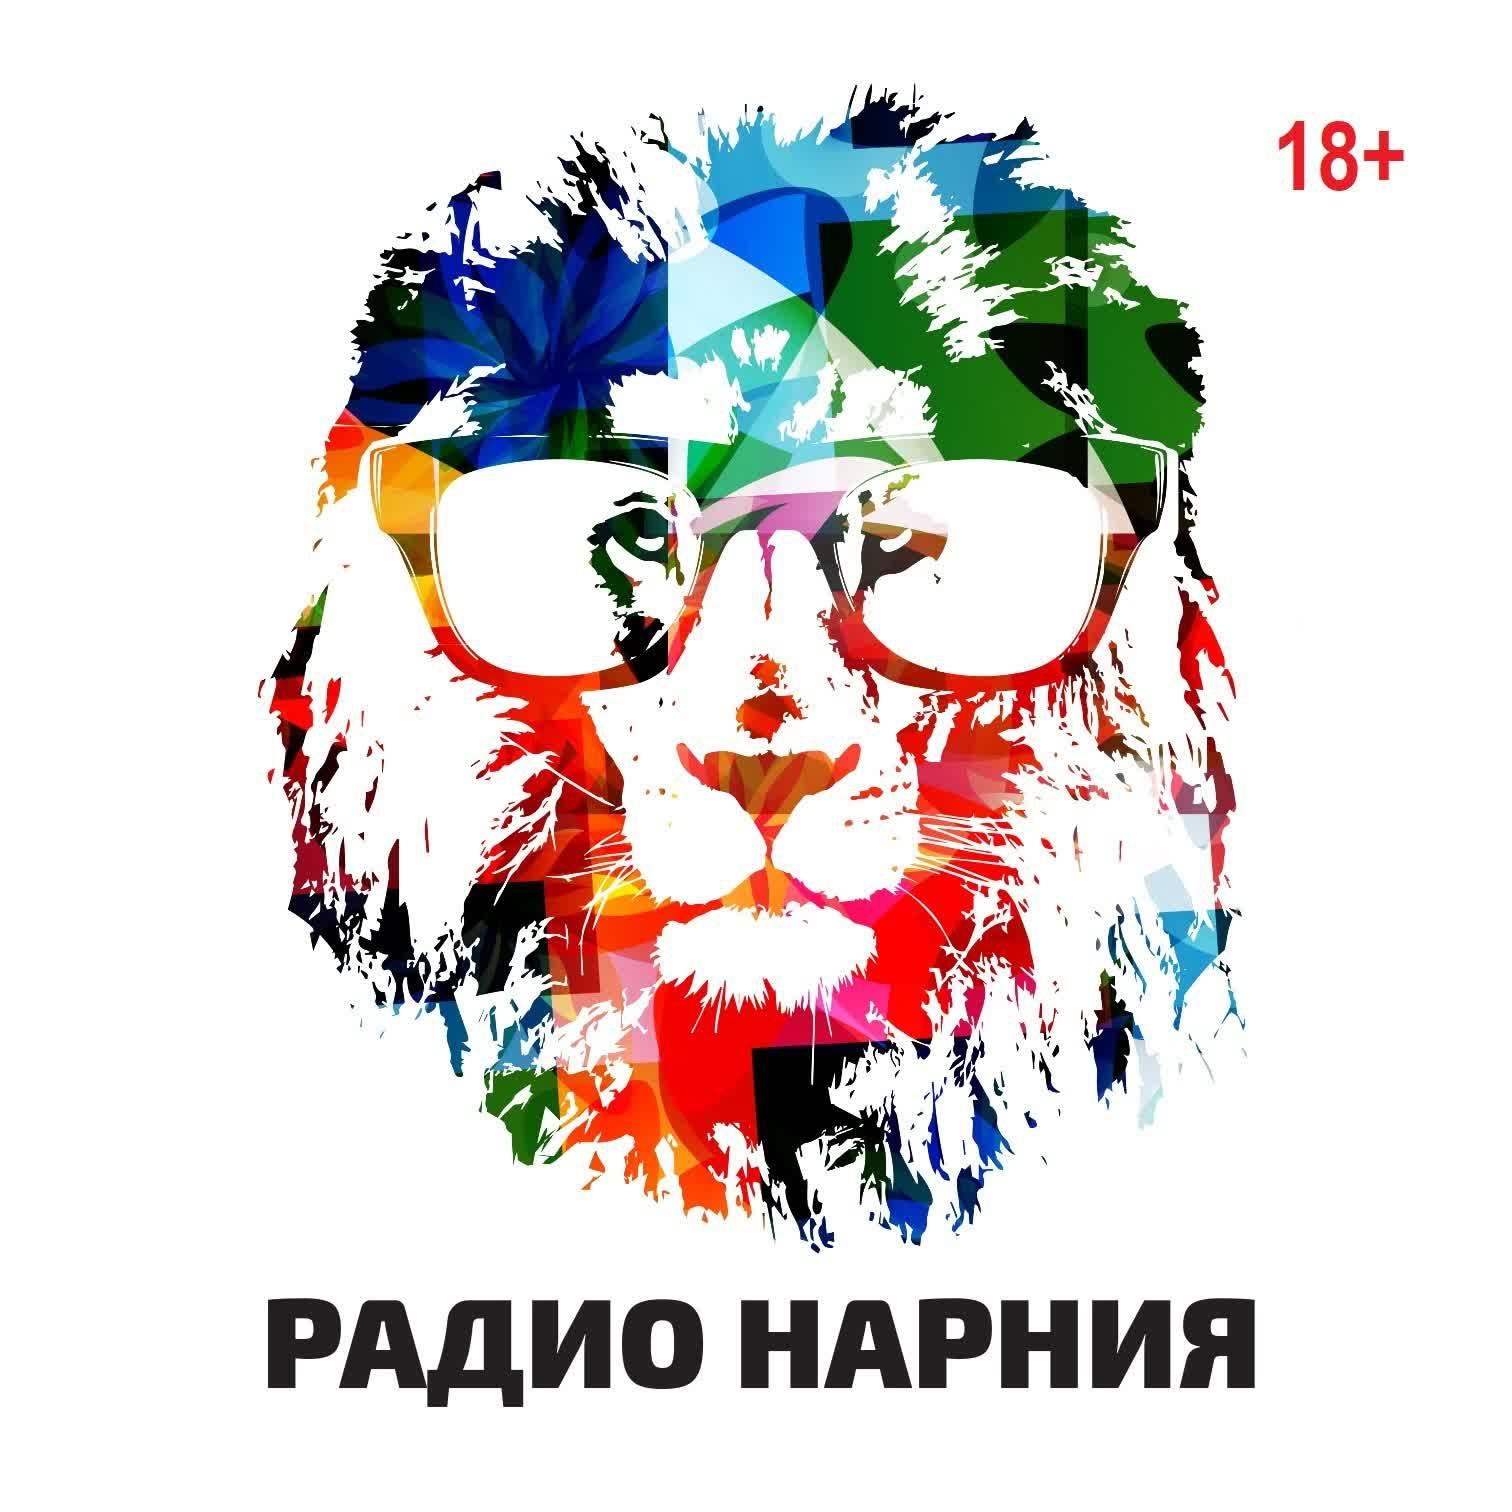 Разбираем Yandex по камушкам с Мариной Эфендиевой